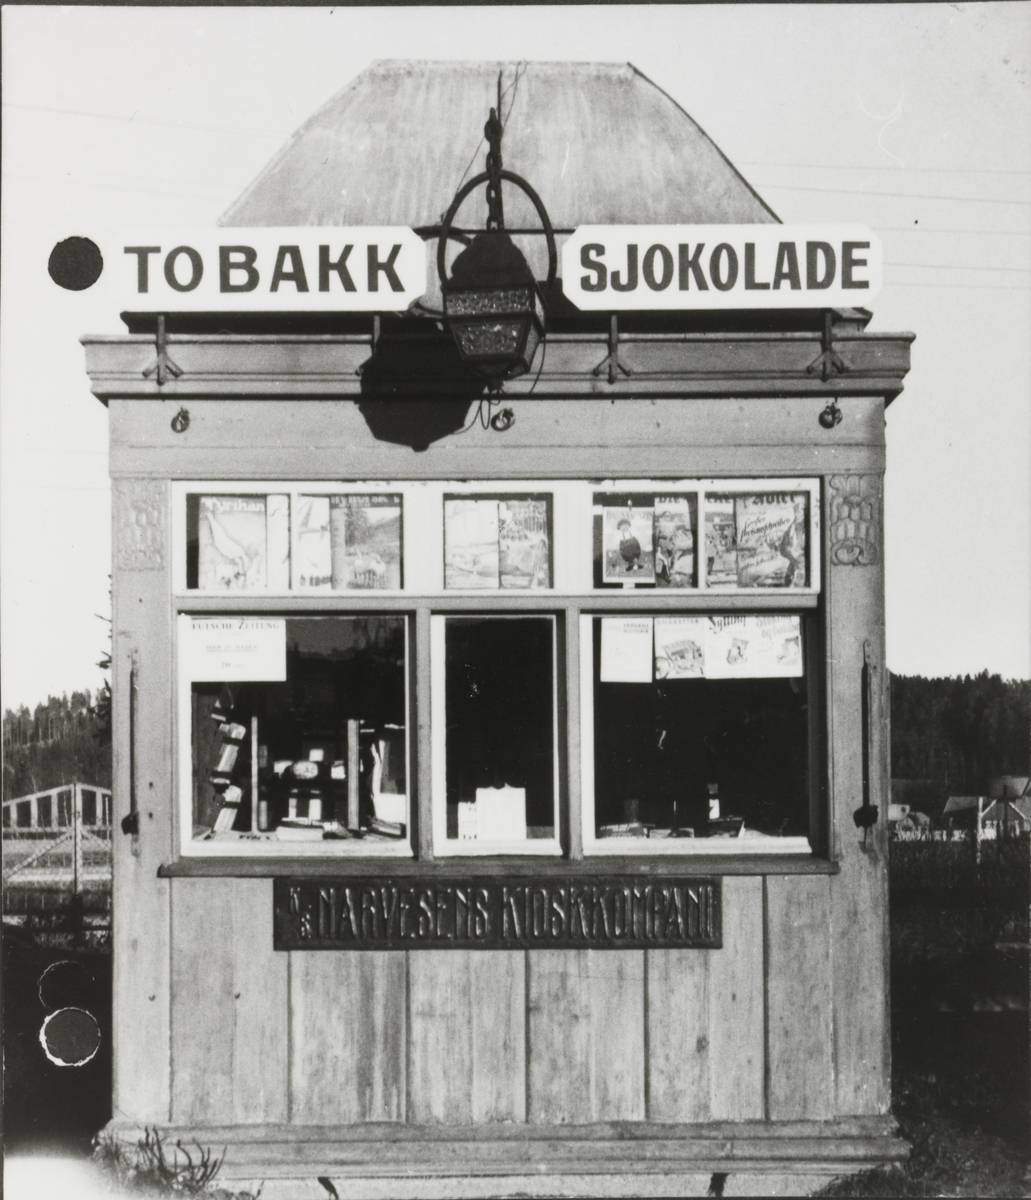 Kiosken på Bjørkelangen stasjon. Reklame for Deutsche Zeitung i vinduet.